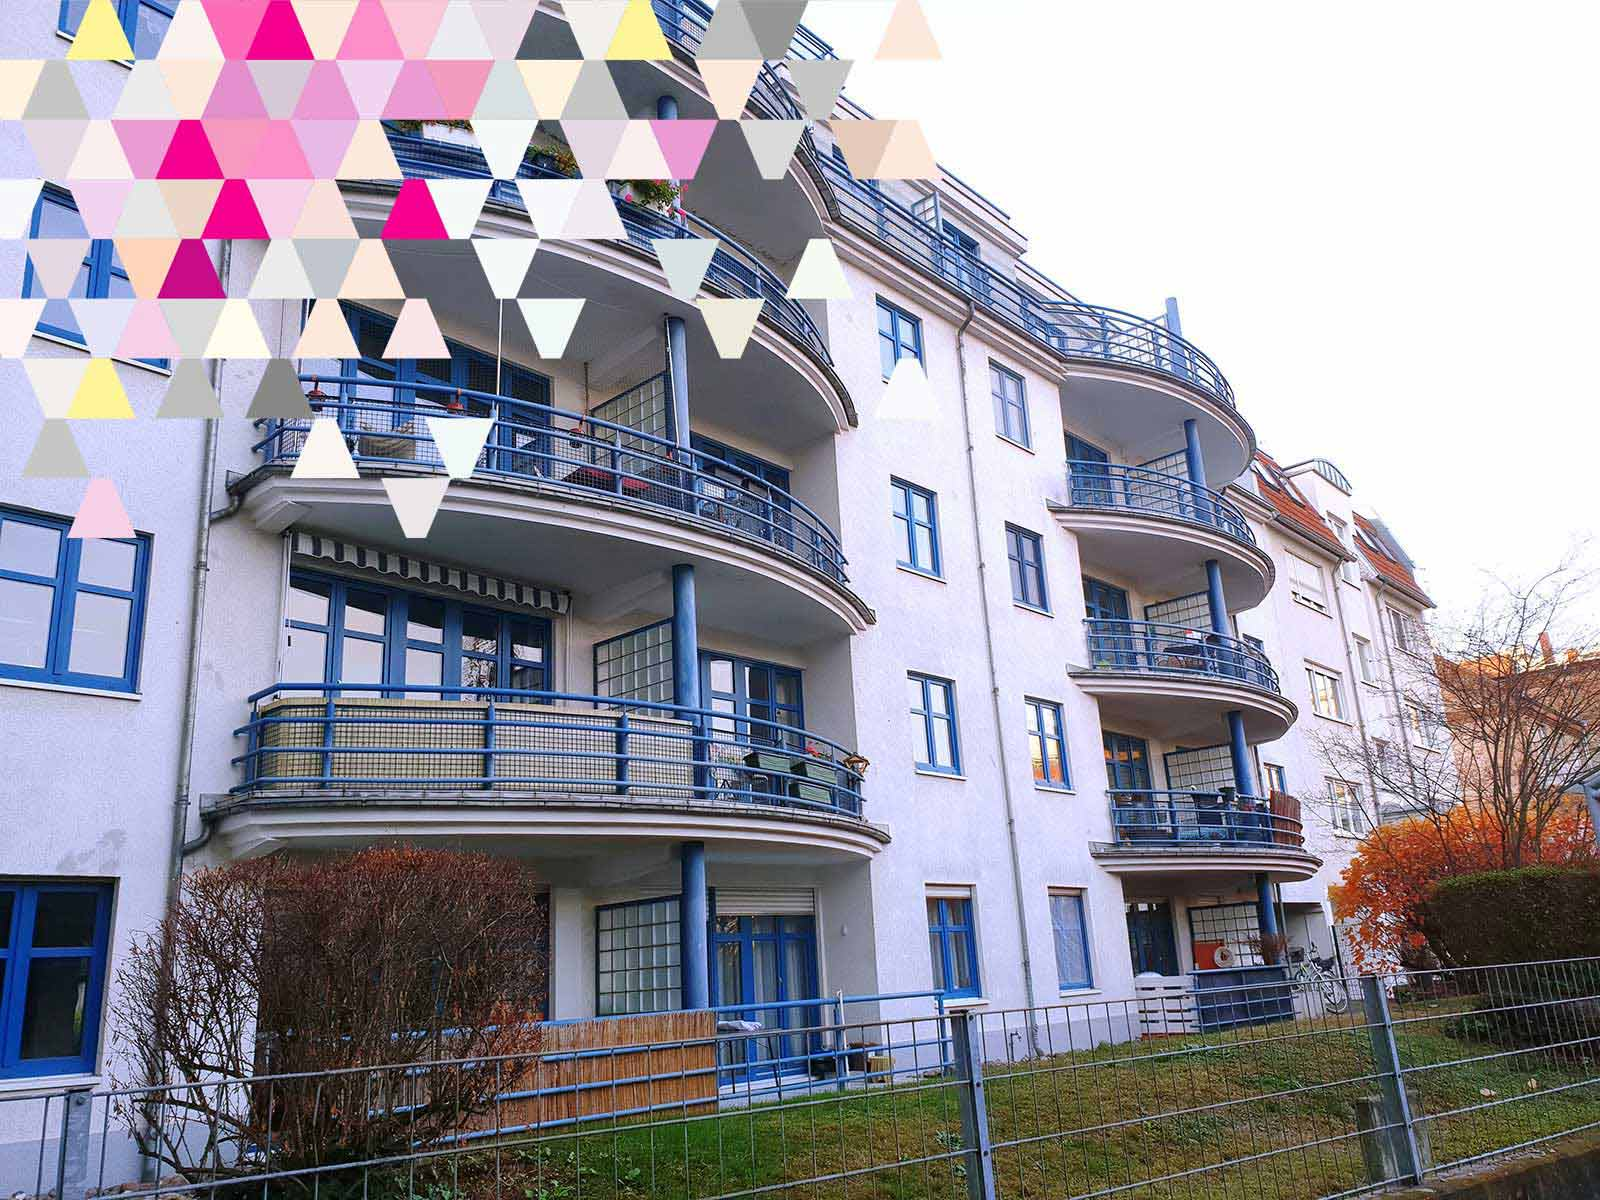 Referenz: Eigentumswohnung in Berlin Weissensee